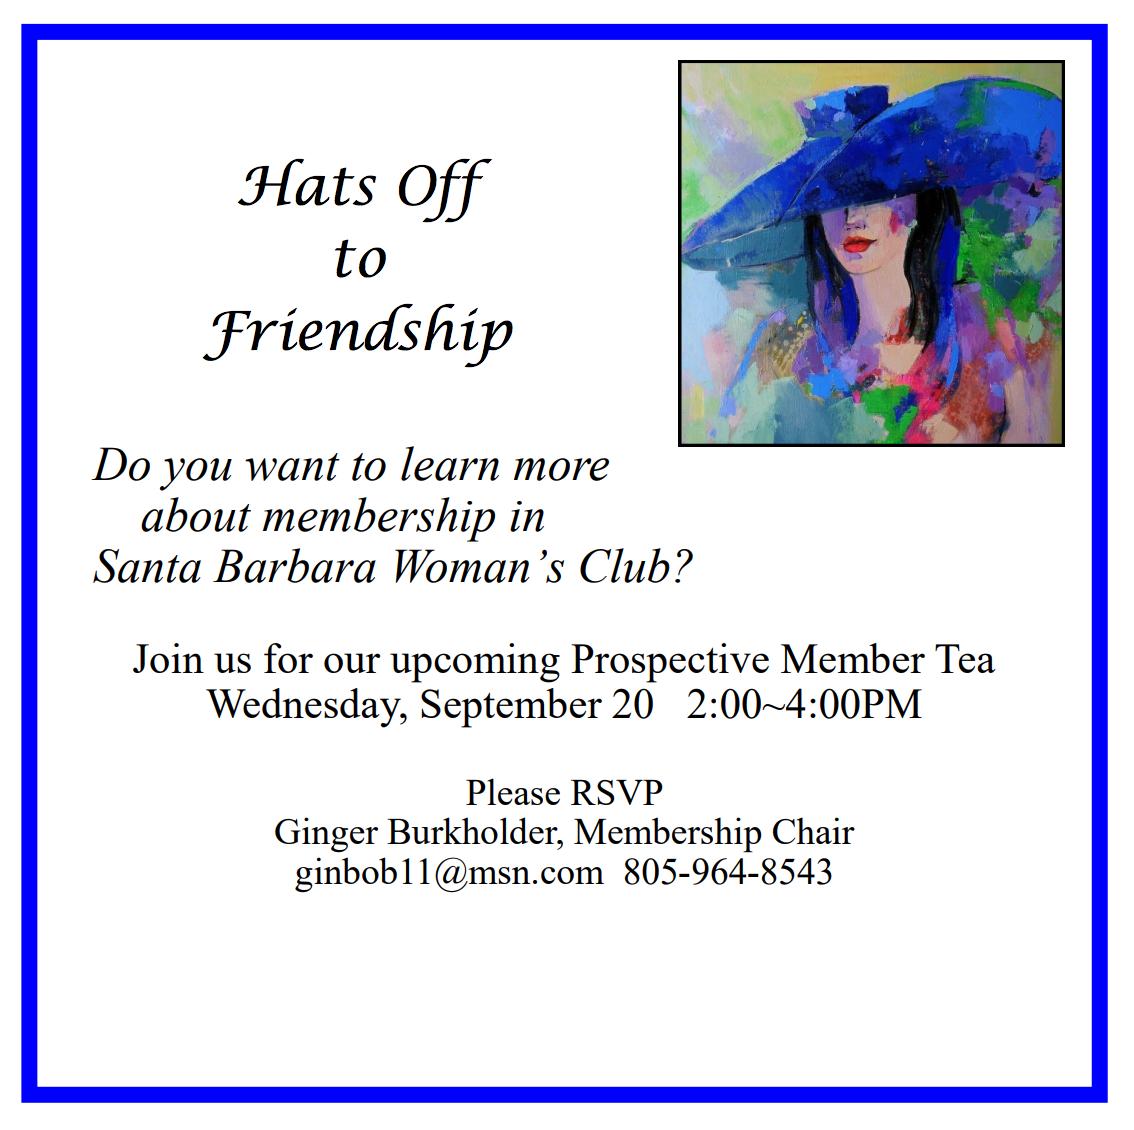 hats-off-invitation